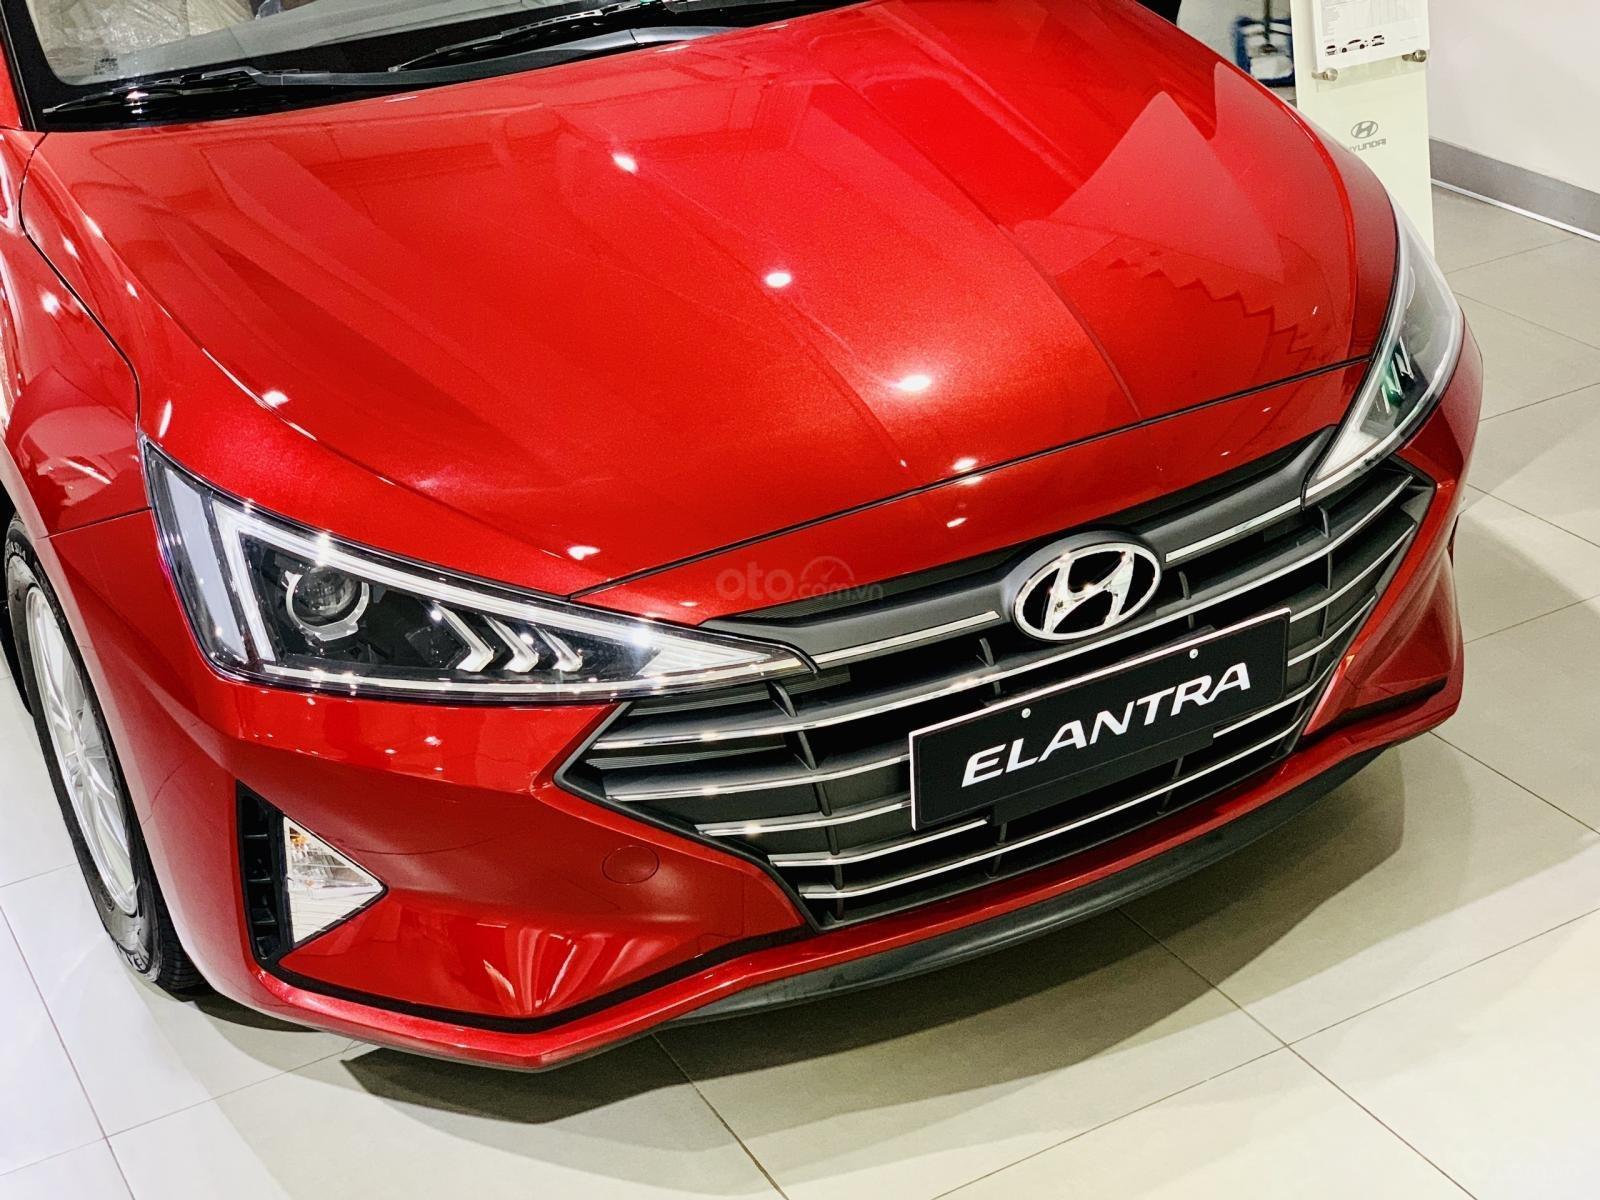 Hyundai Elantra giá bán cạnh tranh, khuyến mãi quà tặng phụ kiện giá trị thật, xe sẵn giao ngay (13)